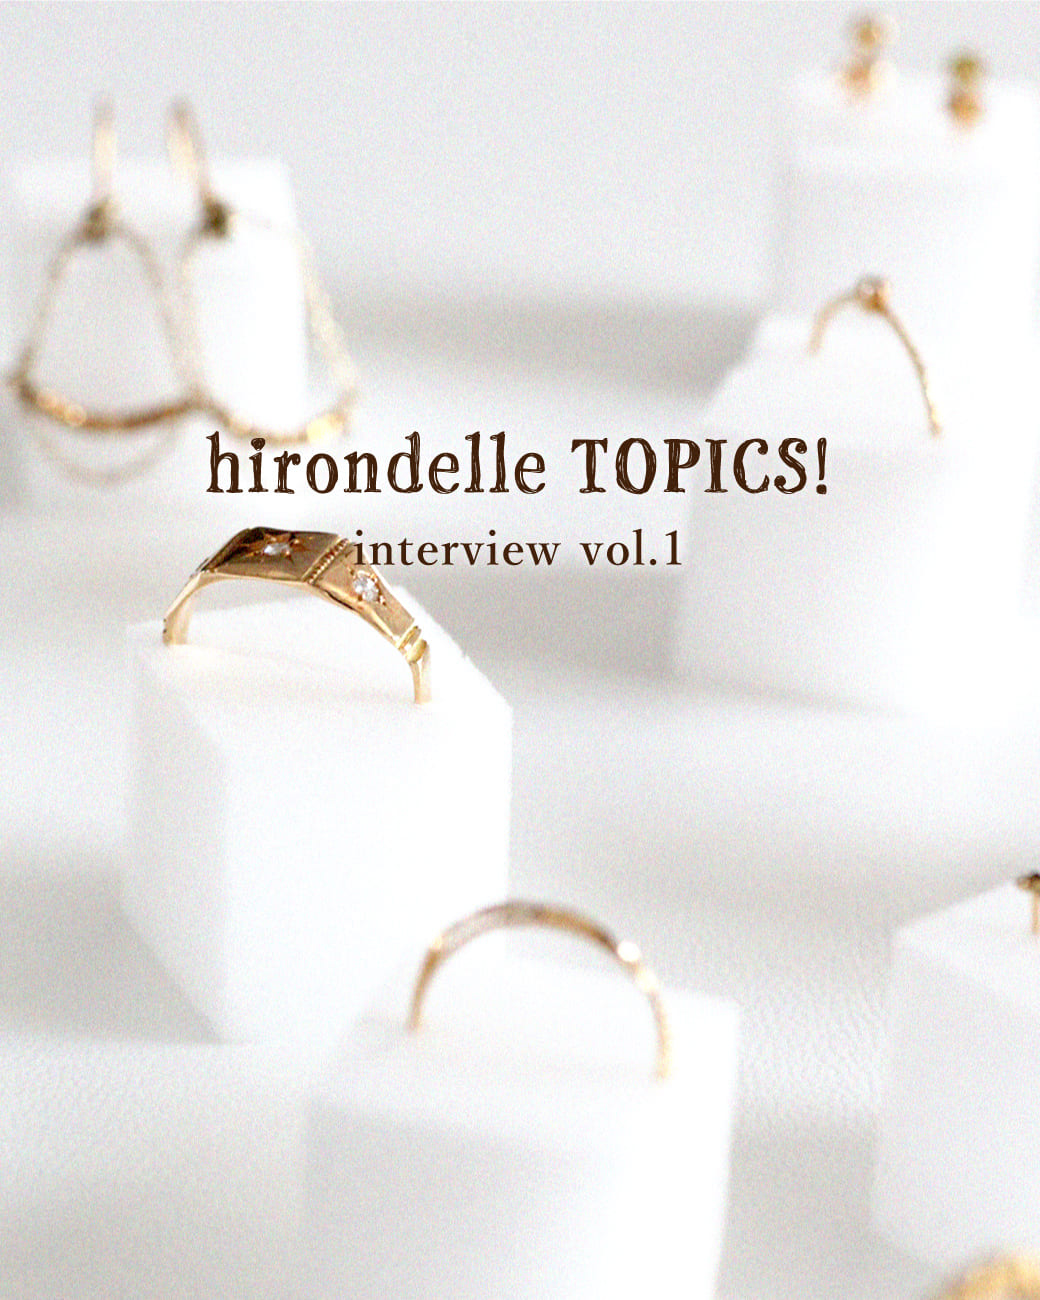 hirondelle TOPICS!vol.1